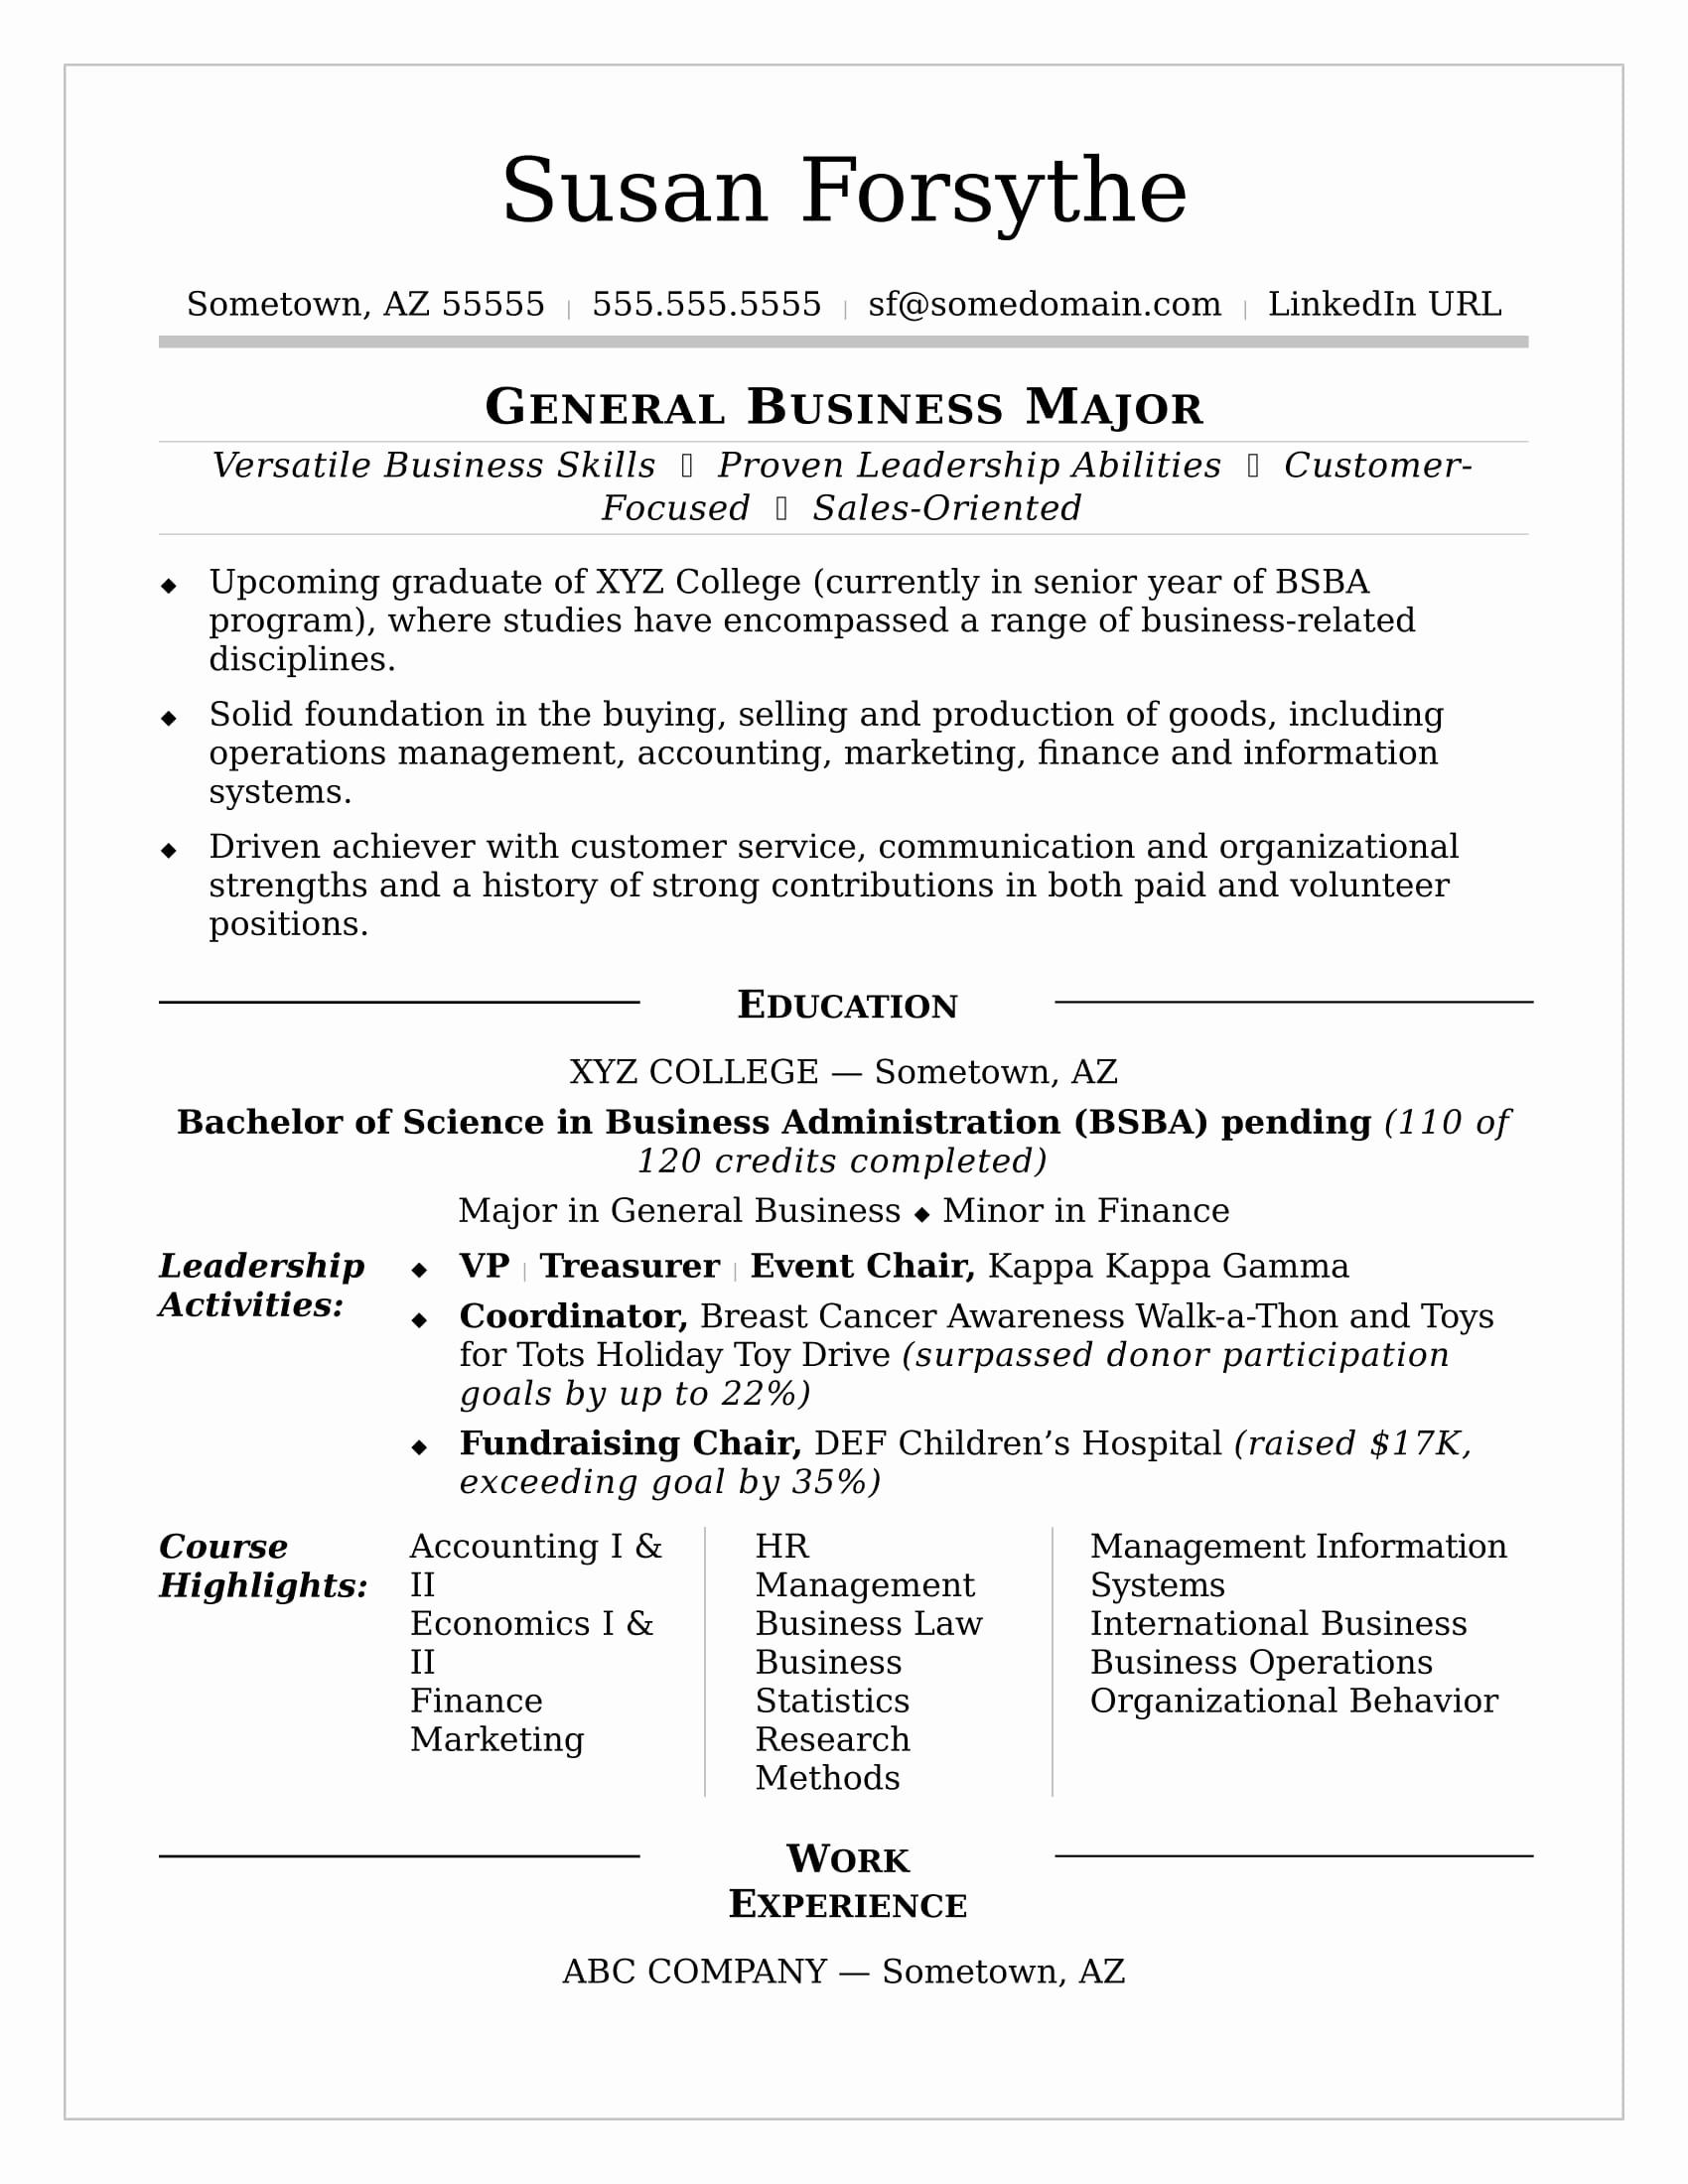 Resumes for Recent College Grads Unique College Resume Sample